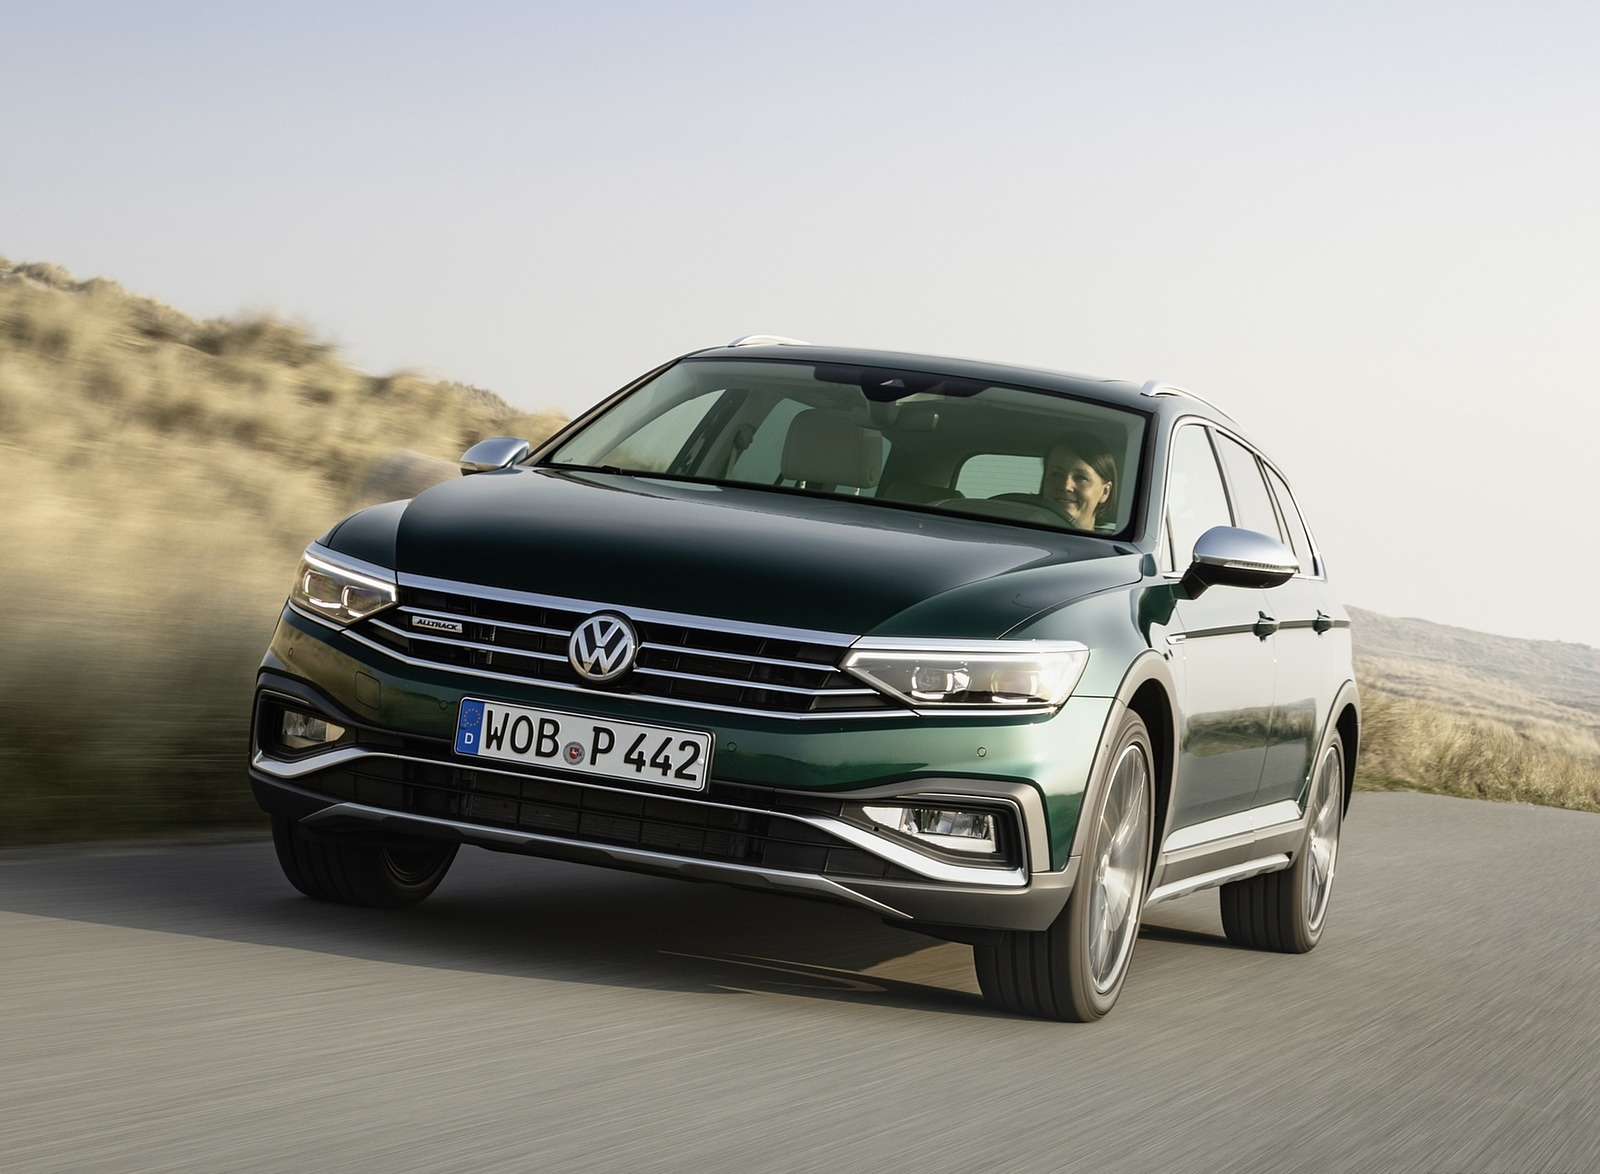 2020 Volkswagen Passat Alltrack (EU-Spec) Front Wallpapers (7)